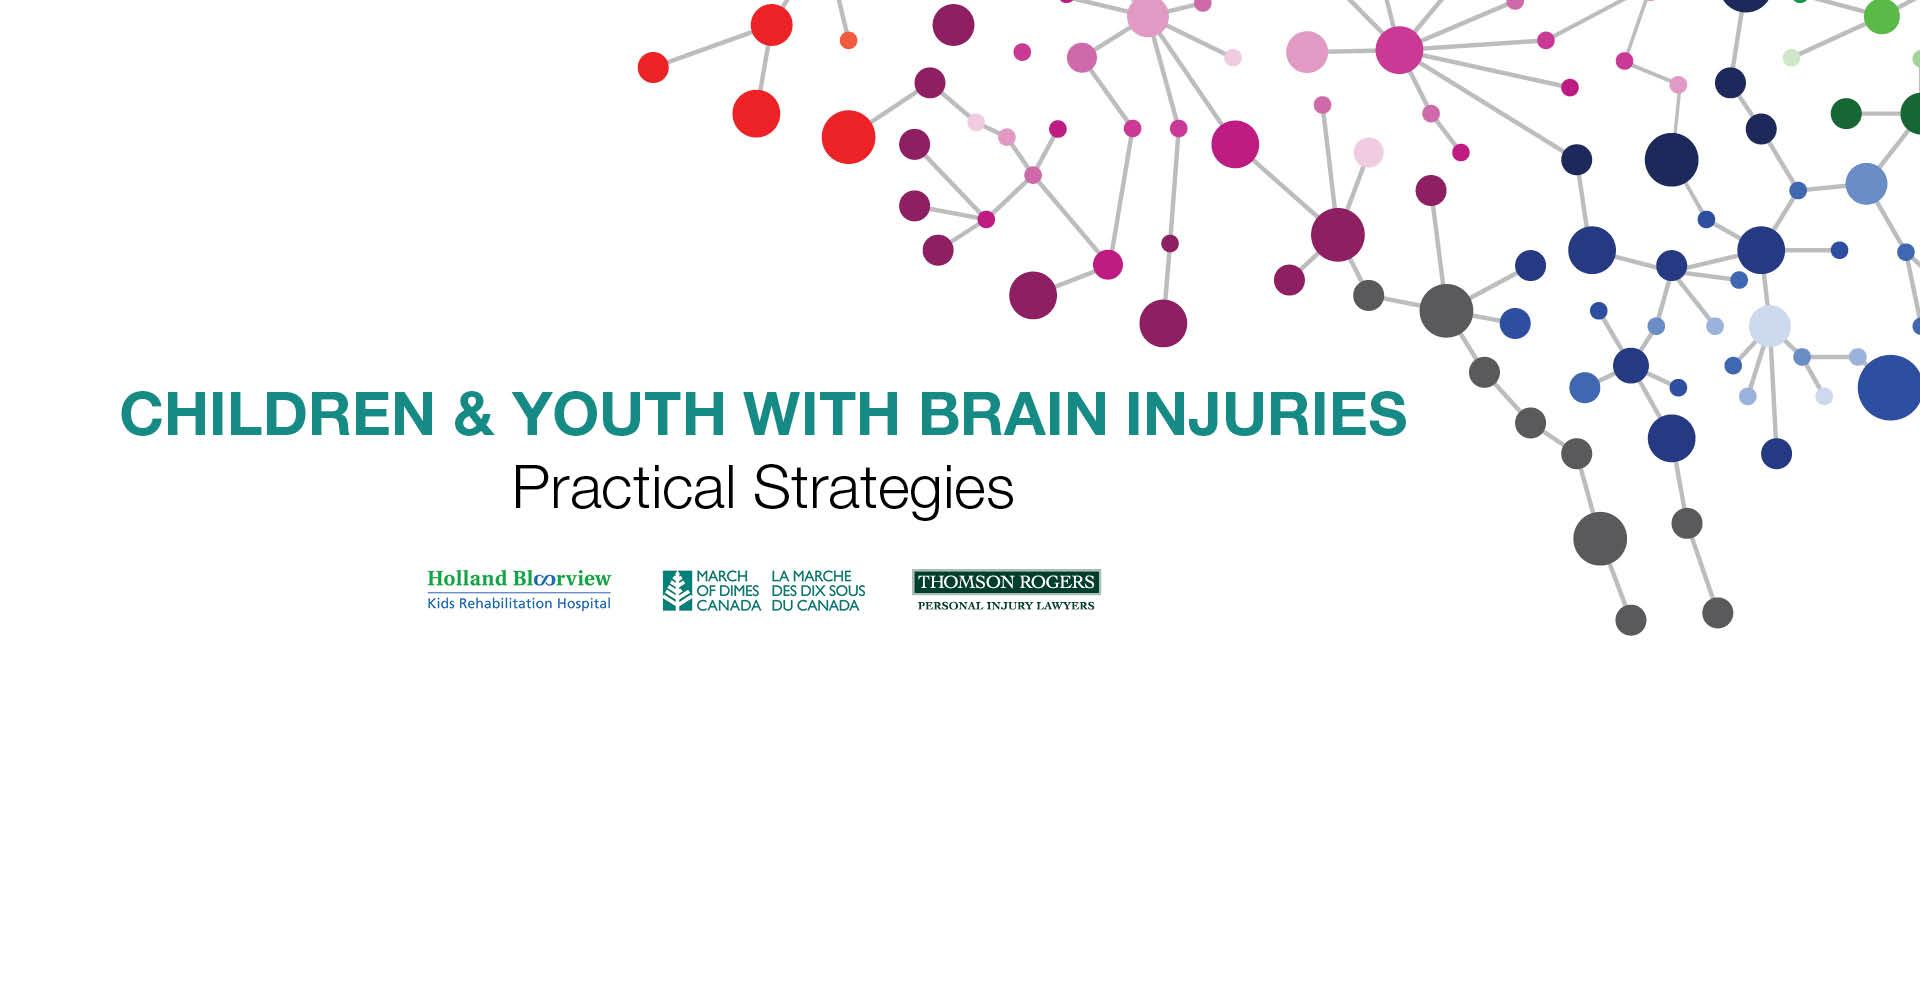 children with brain injuries practical strategies header